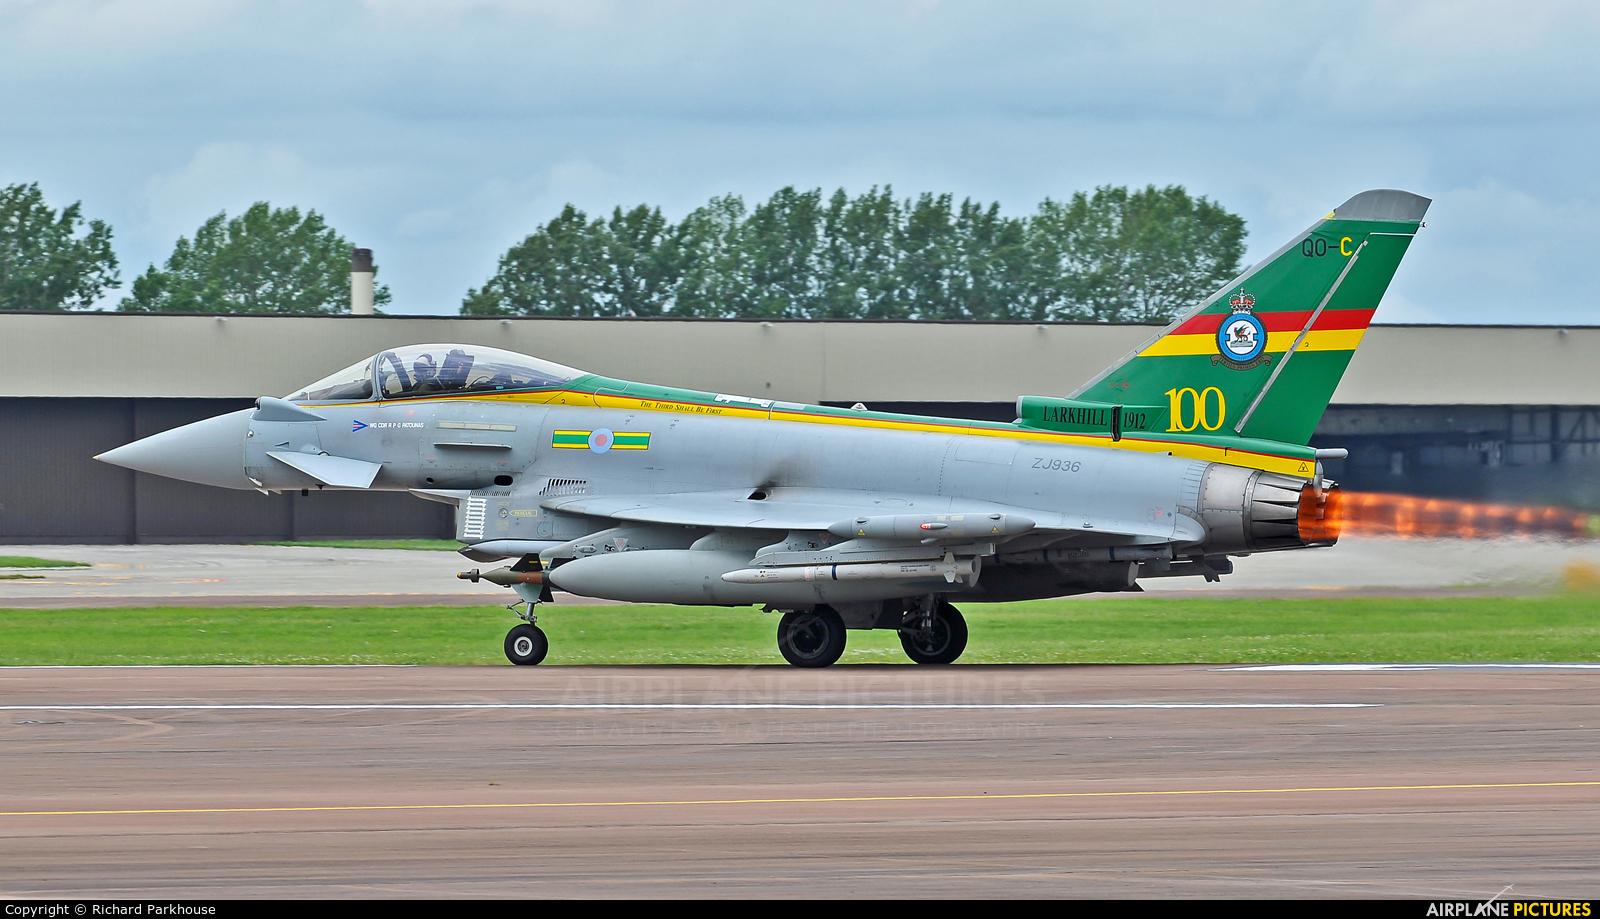 Royal Air Force ZJ936 aircraft at Fairford